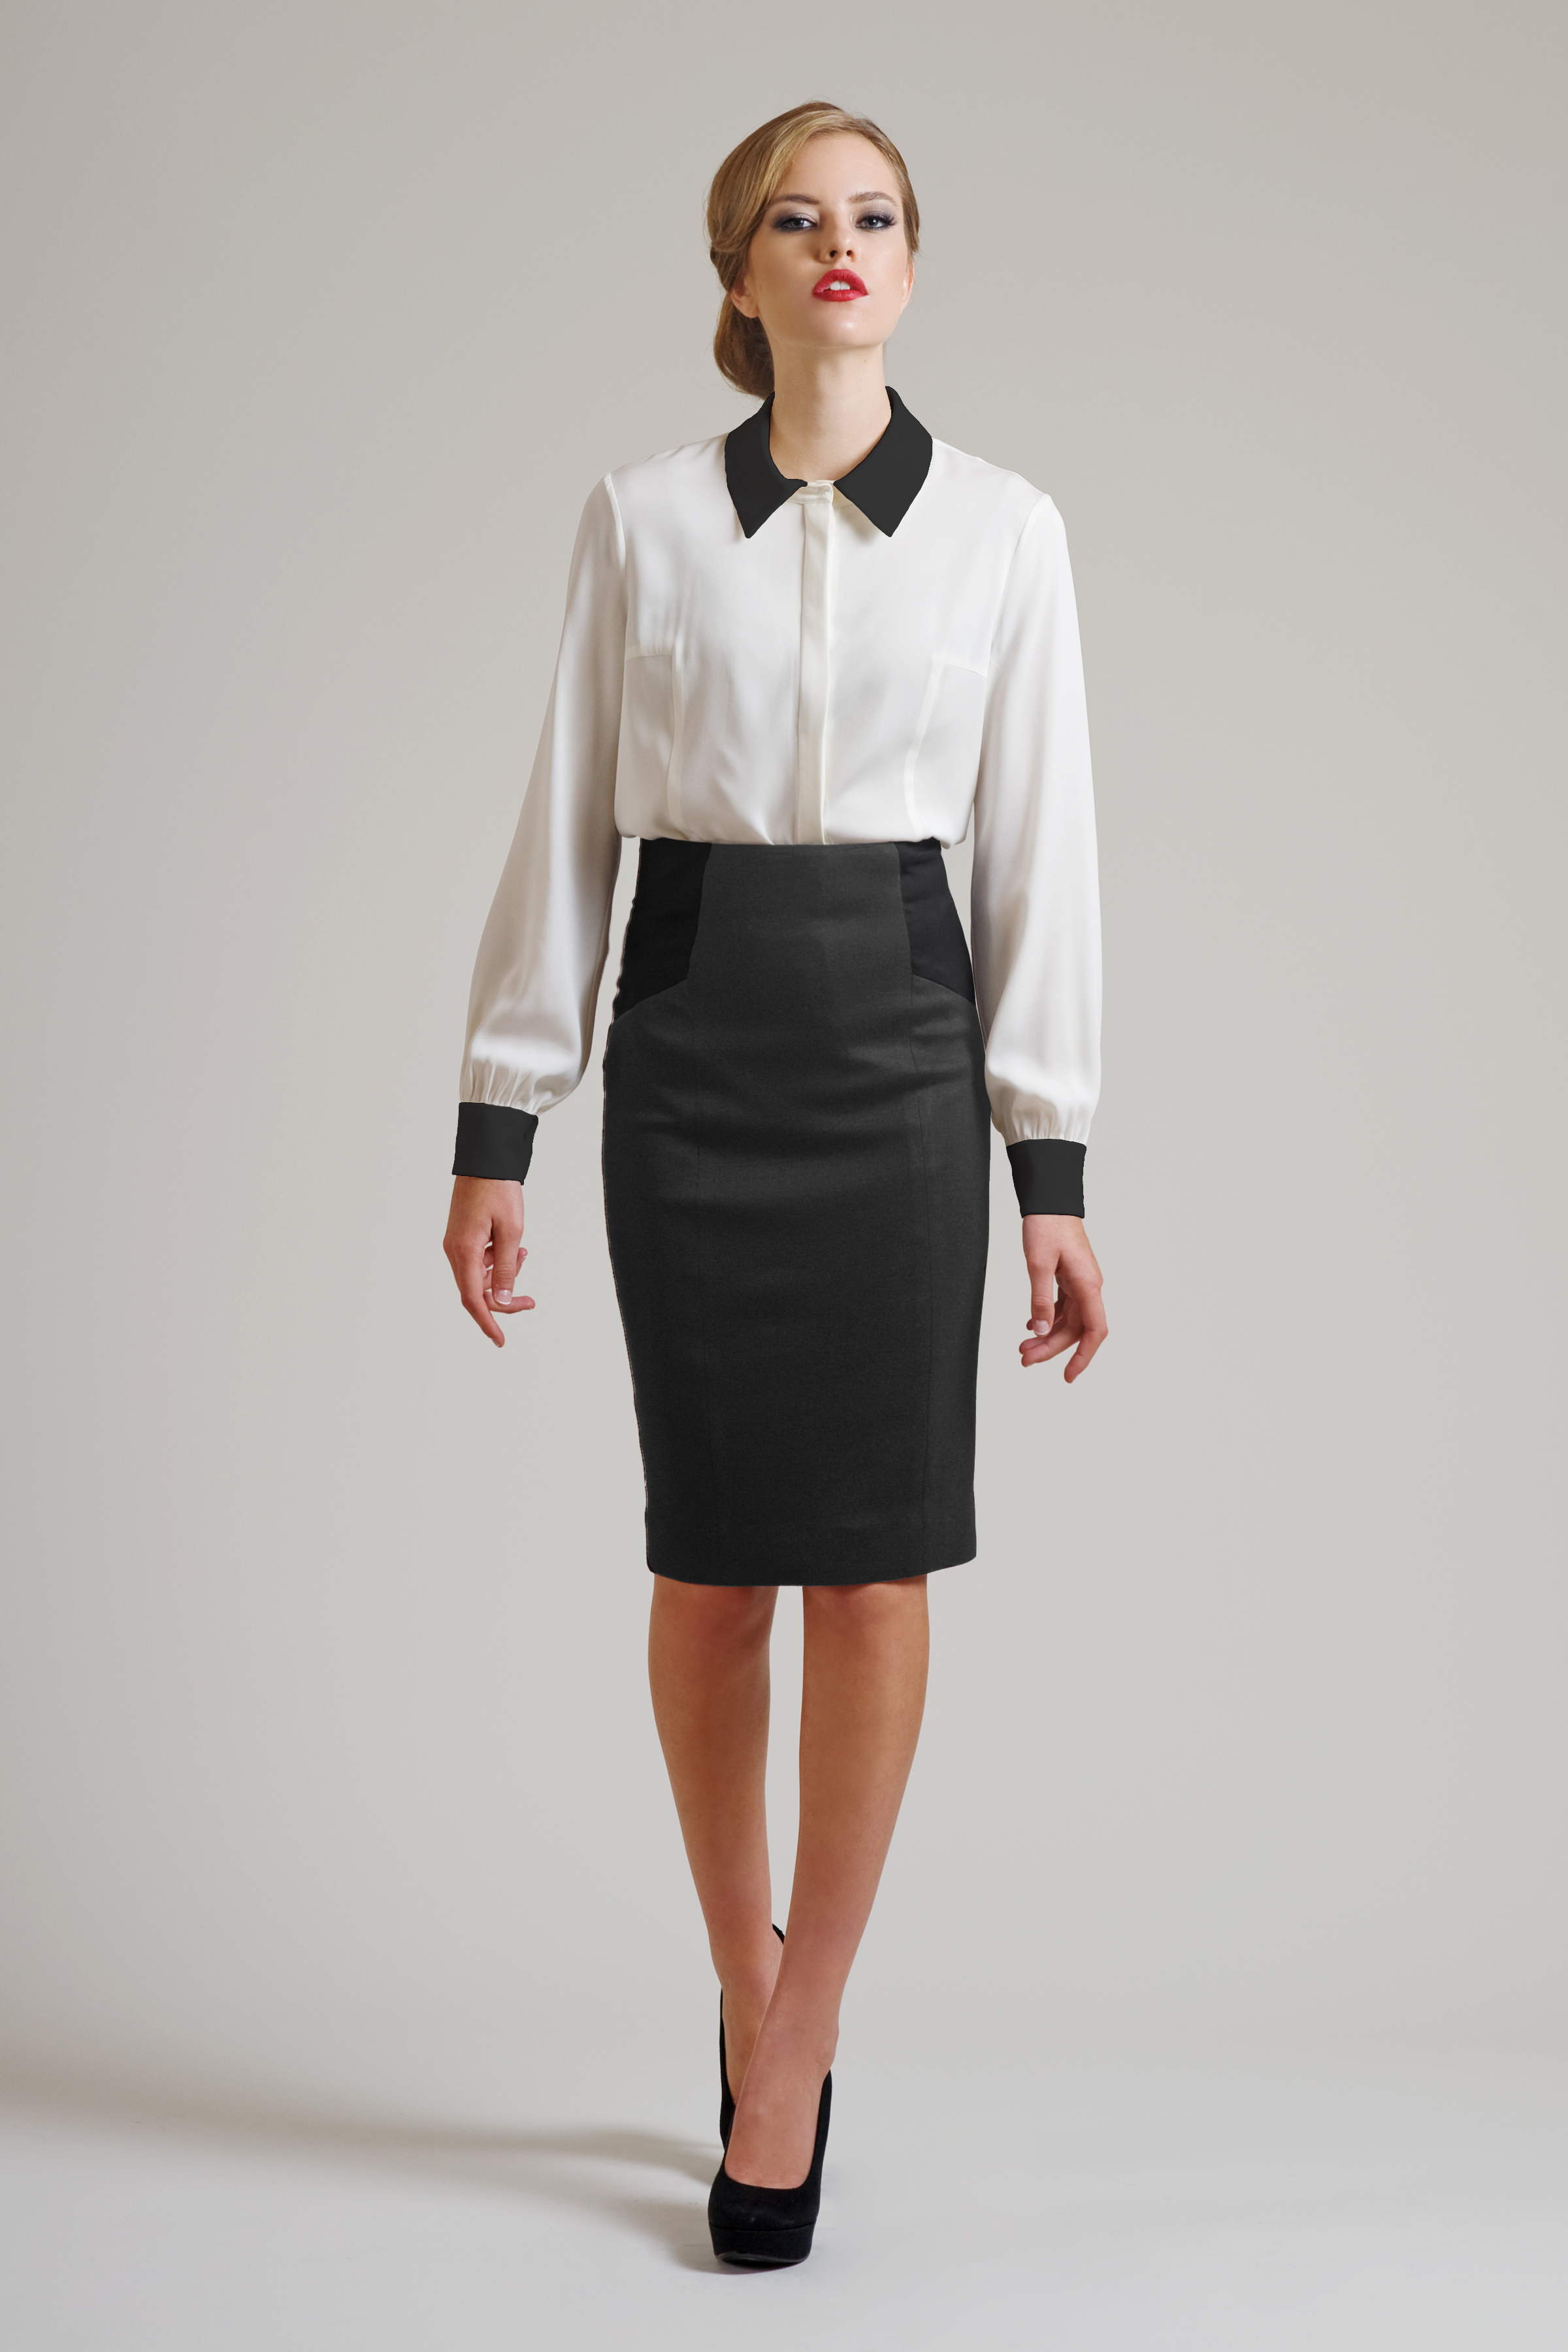 87dd3d36e252 K sukni či kalhotám se nosí halenka nebo košile. I halenka může být v  širším spektru barev a může být i decentně vzorovaná.